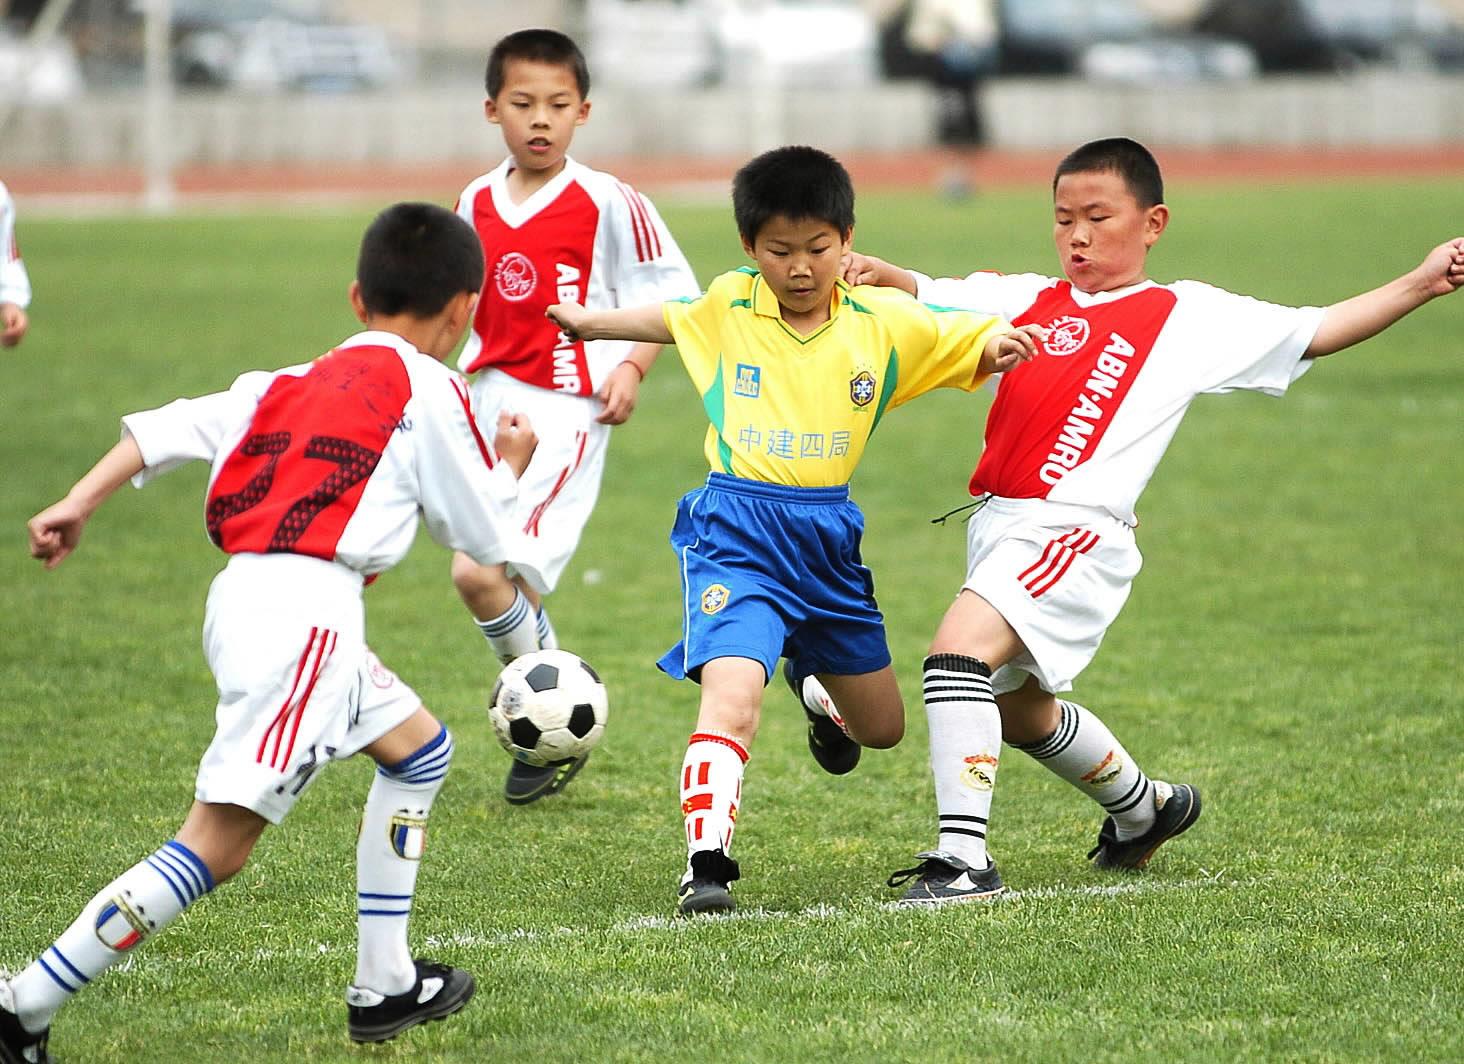 江苏足球球迷俱乐部_非州足球俱乐部排名_足球顶级豪门俱乐部